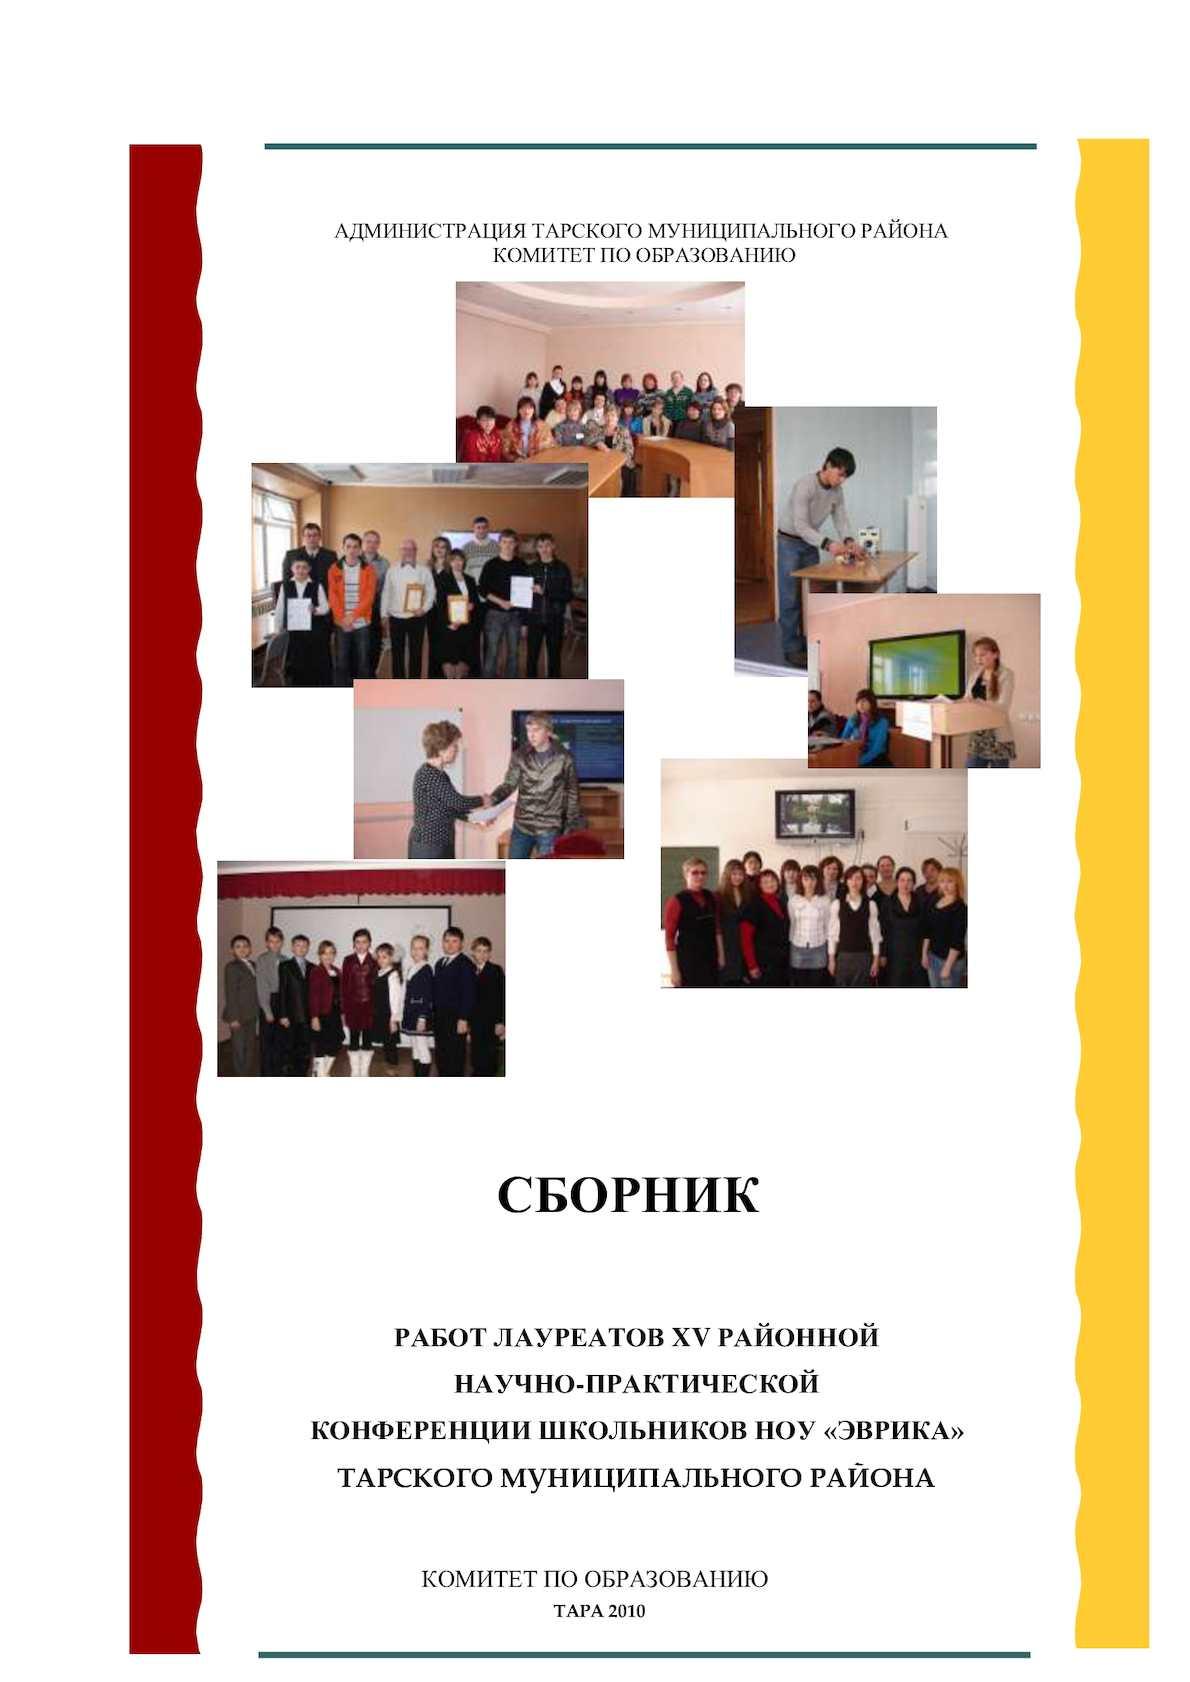 Calaméo - Материалы XV районной научно-практической конференции школьников df070bc0b54